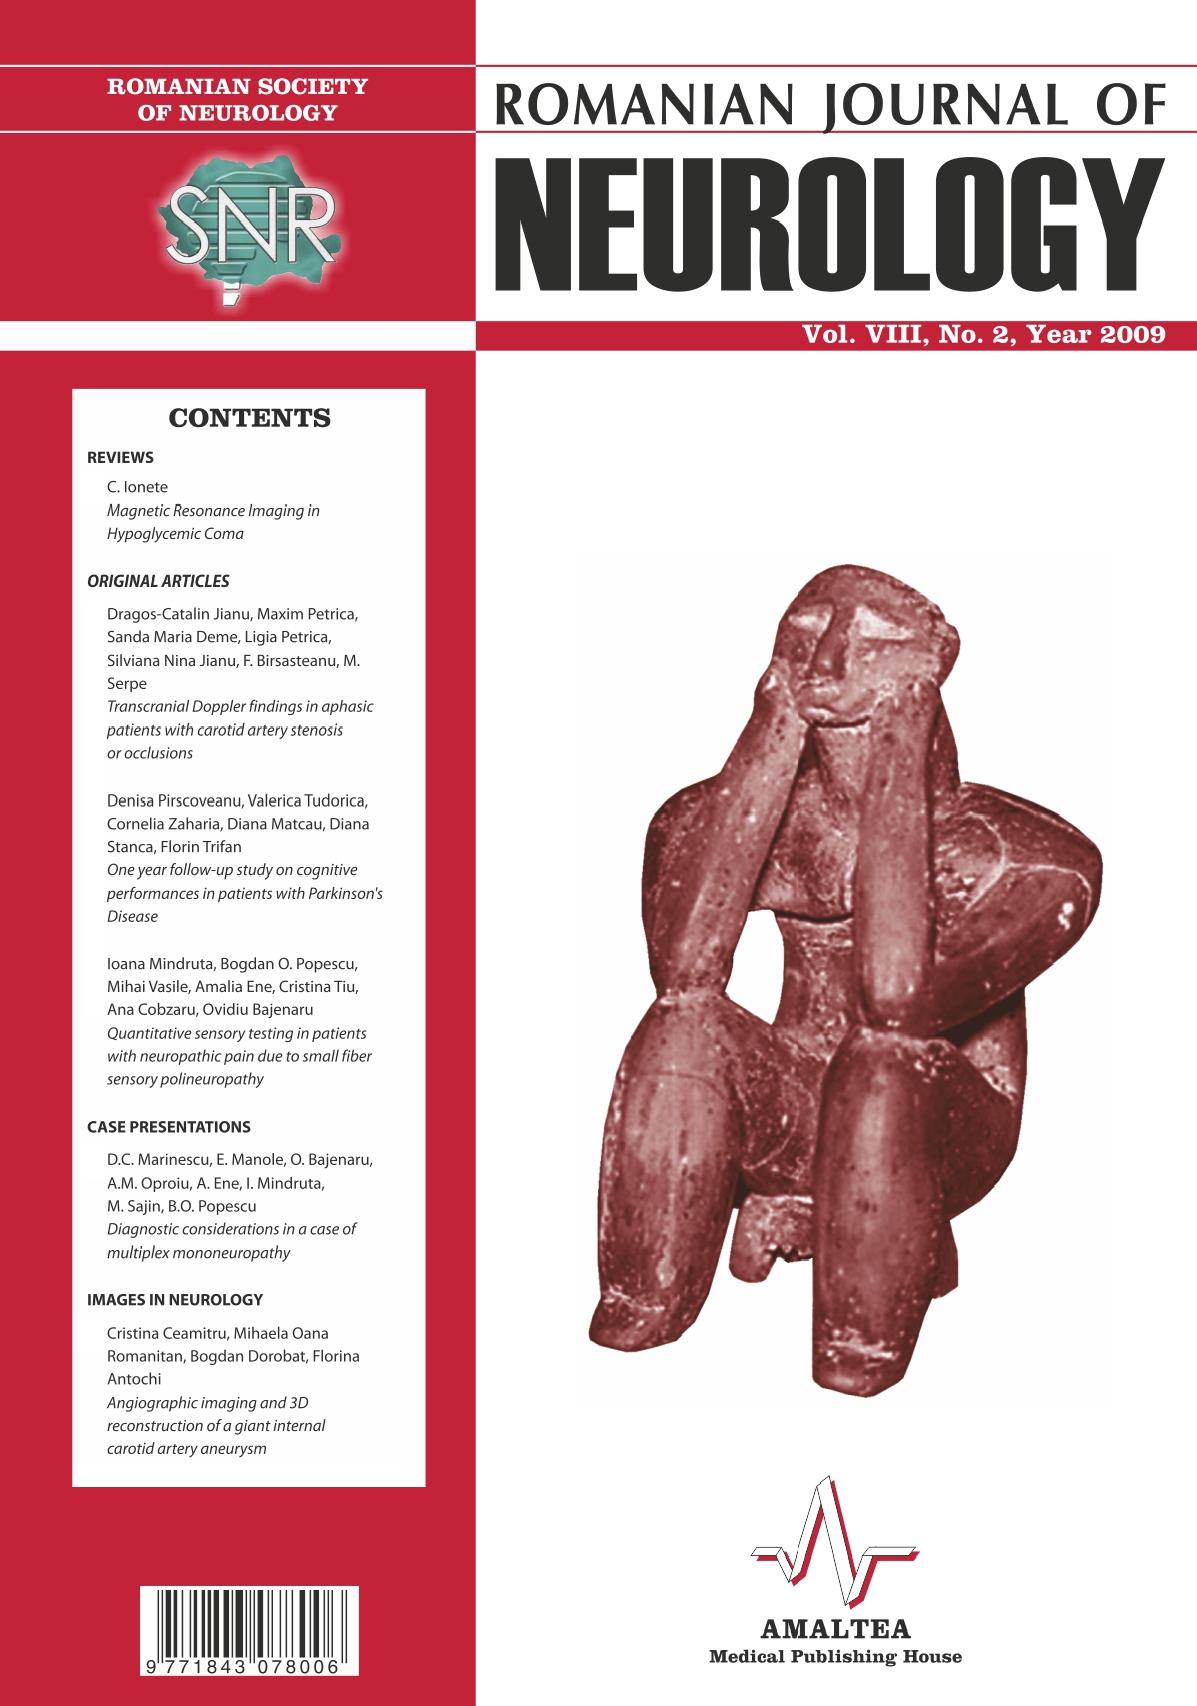 Romanian Journal of Neurology, Volume VIII, No. 2, 2009